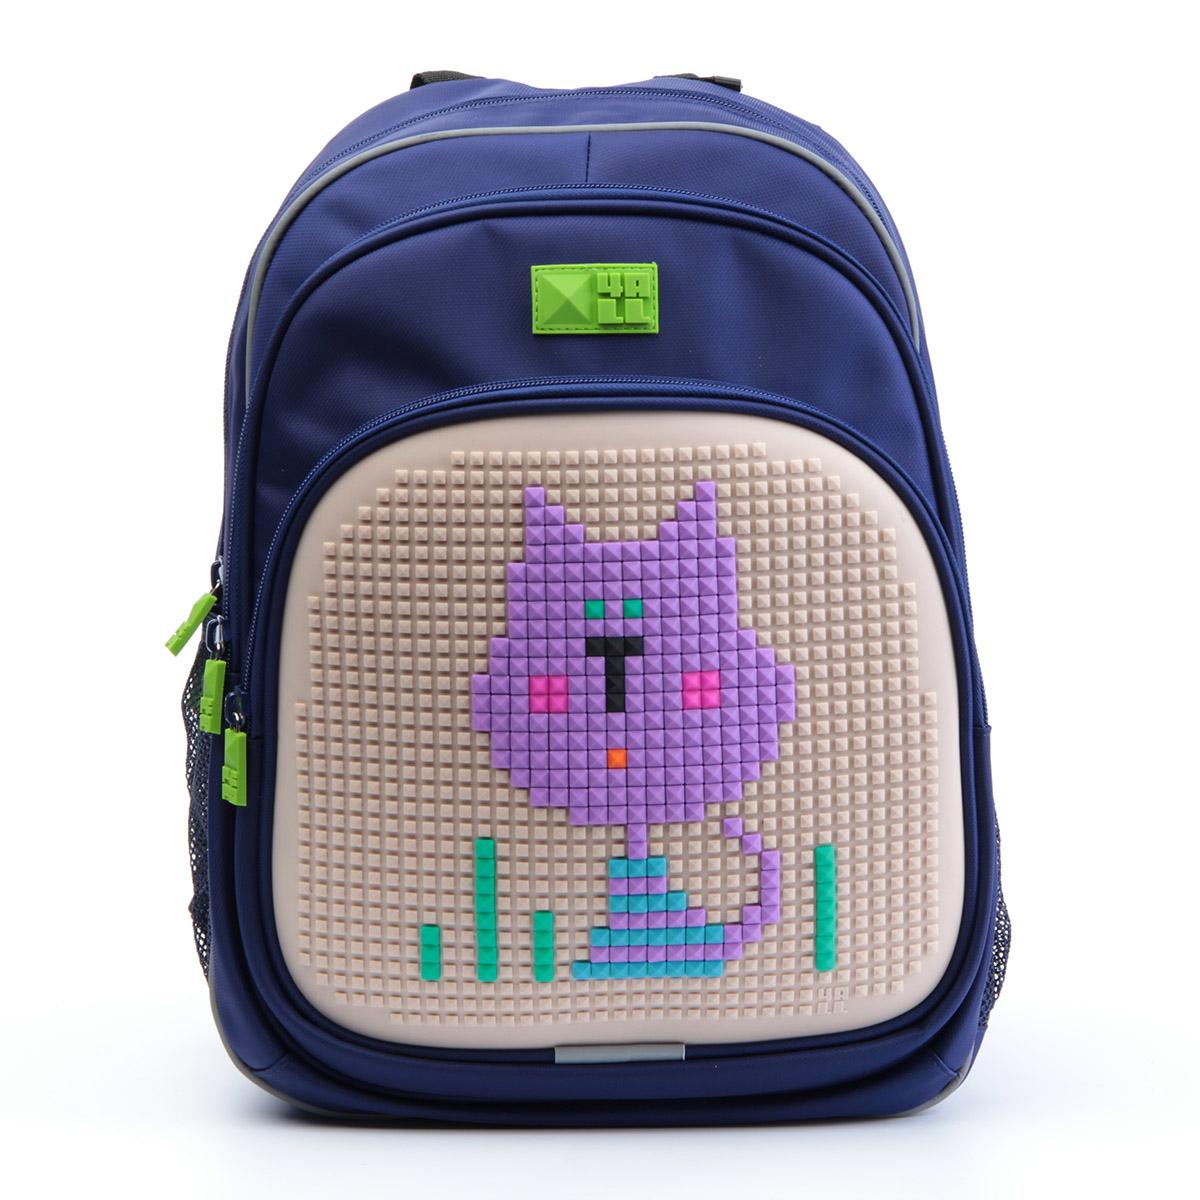 4ALL Рюкзак для мальчиков Kids цвет темно-синийRT63-02NРюкзак бренда 4ALL - это одновременно яркий, функциональный школьный аксессуар и площадка для самовыражения. Заботясь о Вашем комфорте, удобстве и творческом развитии Ваших детей, мы создали уникальные рюкзаки KIDS с силиконовой панелью и разноцветные мозаичные БИТЫ с помощью которых на рюкзаке можно создавать графические шедевры хоть каждый день! Особенности: AIR COMFORT system: - Система свободной циркуляции воздуха между задней стенкой рюкзака и спиной ребенка. ERGO system: - Разработанная нами система ERGO служит равномерному распределению нагрузки на спину ребенка. Она способна сделать рюкзак, наполненный учебниками, легким. ERGO служит сохранению правильной осанки и заботится о здоровье позвоночника! Ортопедическая спина: - Важное свойство наших рюкзаков - ортопедическая спина! Способна как корсет поддерживать позвоночник, правильно распределяя нагрузку. А также: - Гипоаллергенный силикон; - Водоотталкивающие материалы; - Устойчивость всех материалов к температурам воздуха...